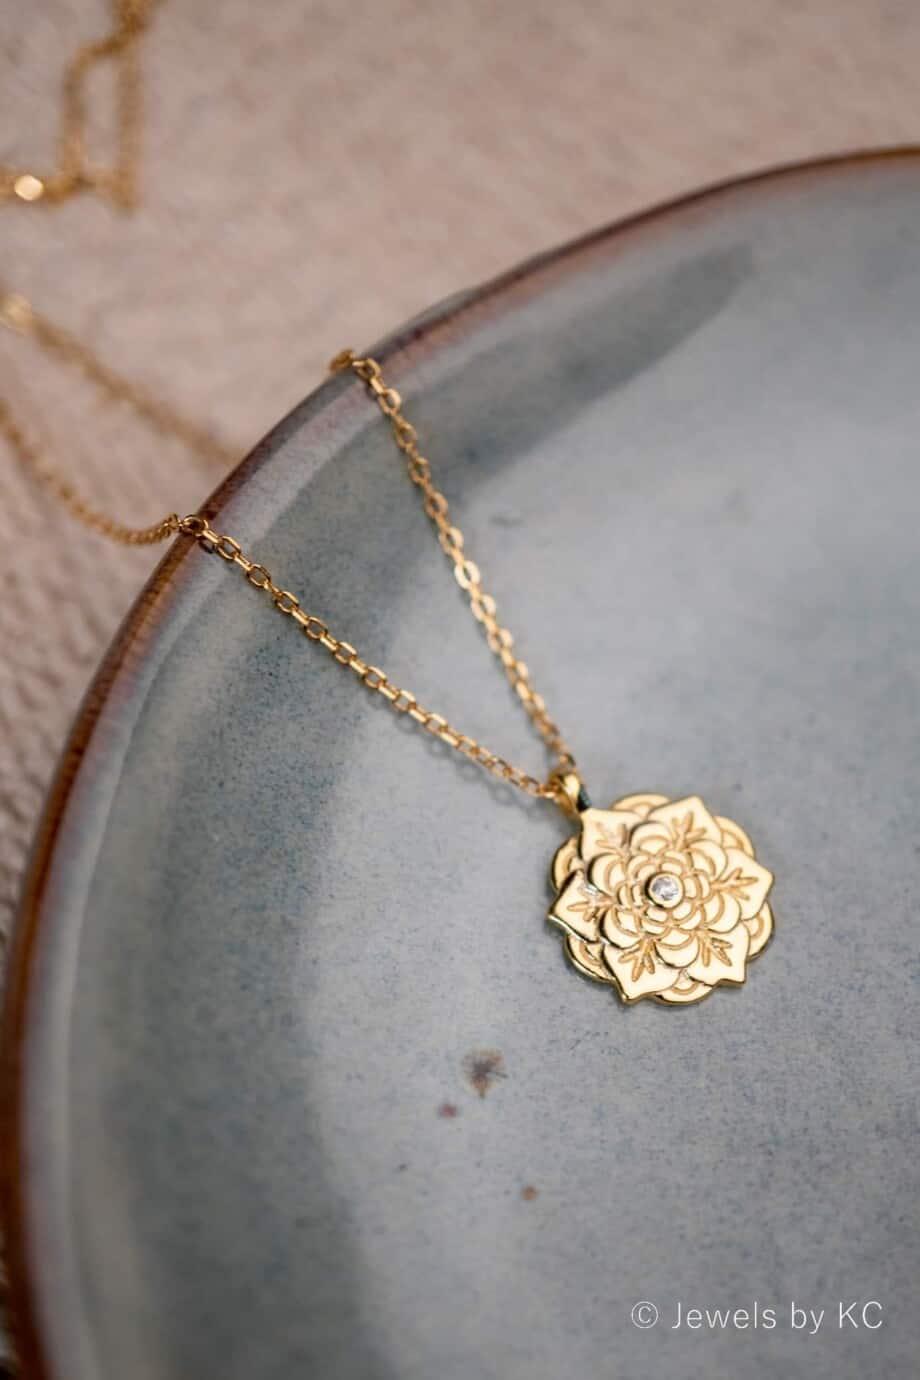 Gouden ketting met hanger 'Flower' 'Bloem' van Goud op Zilver